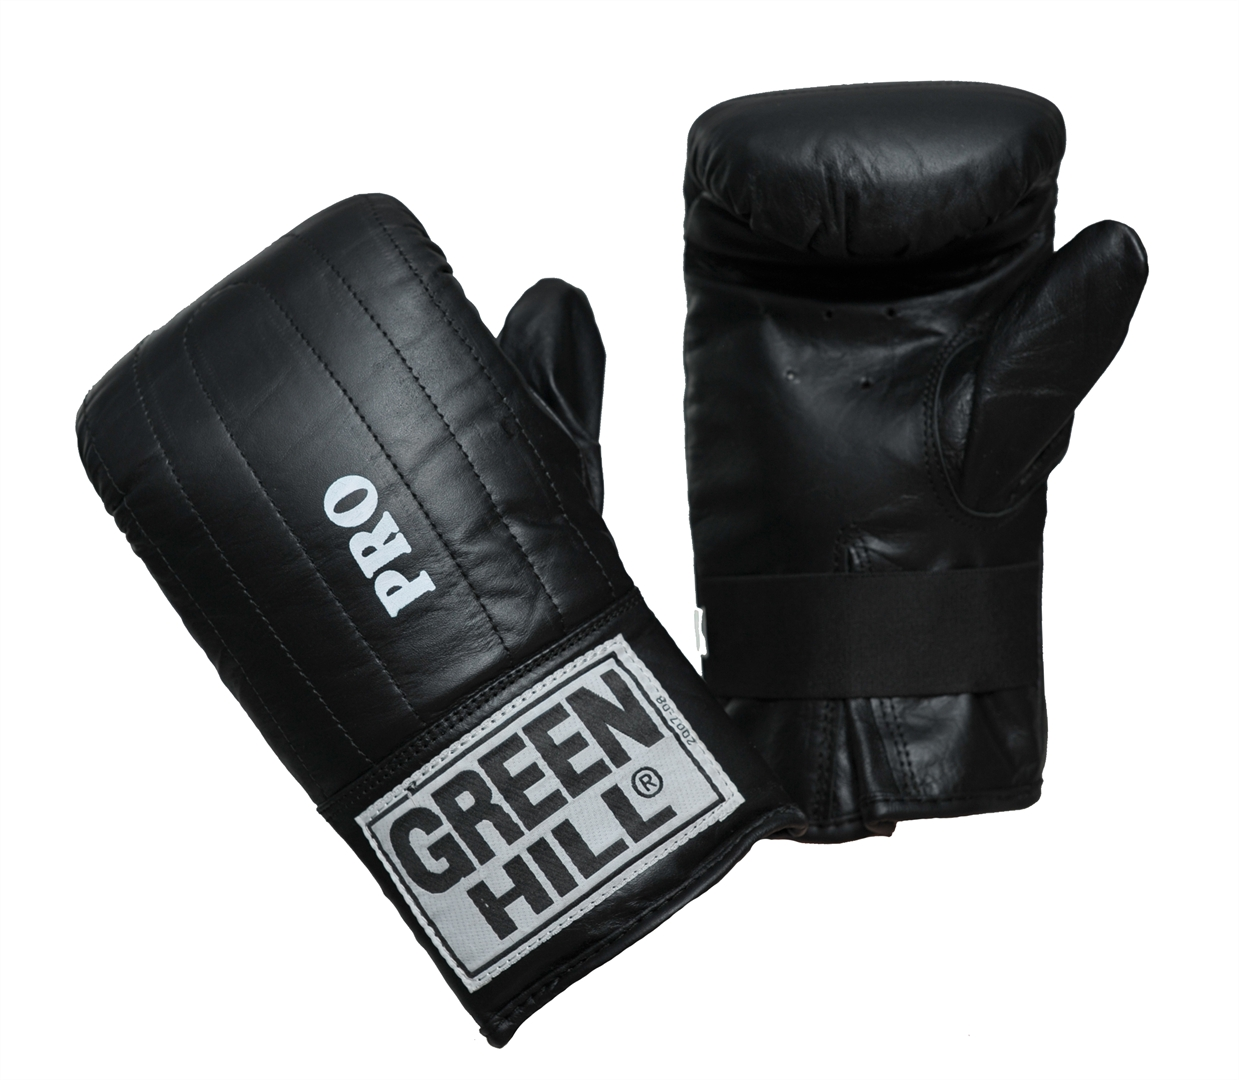 Перчатки снарядные Green Hill Pro, цвет: черный. Размер SAIRWHEEL M3-162.8Снарядные перчатки Green Hill Pro предназначены для отработки ударов по мешкам и лапам, а также для легких спаррингов. Перчатки выполнены из натуральной кожи с мягким наполнителем внутри. Манжет не резинке позволяет быстро снимать и одевать перчатки, плотно фиксирует их на руке.